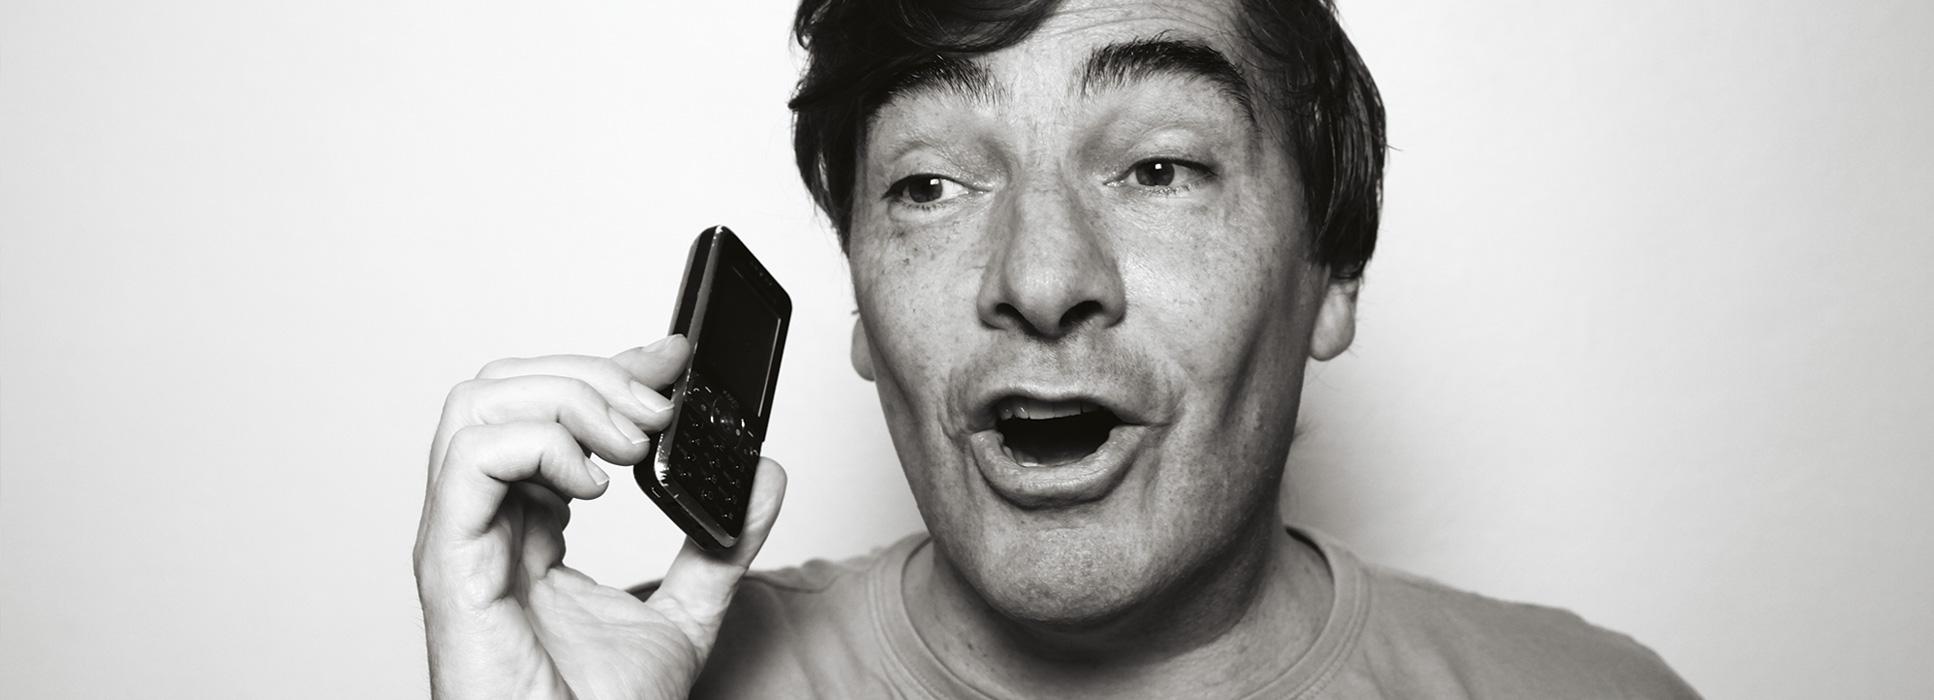 Amis qu'au téléphone